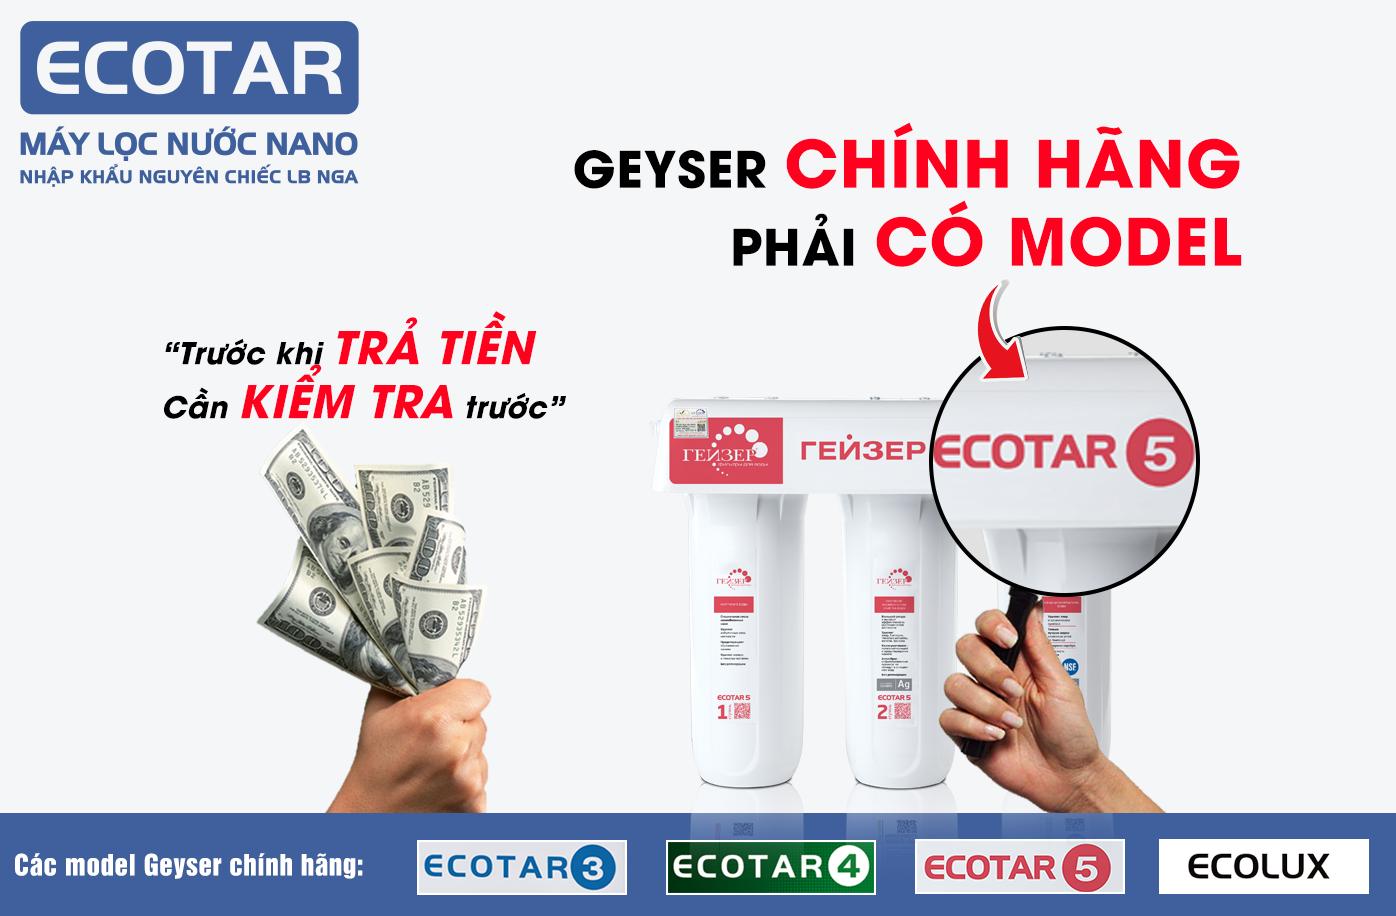 Máy lọc nước Geyser Ecotar 5 chính hãng